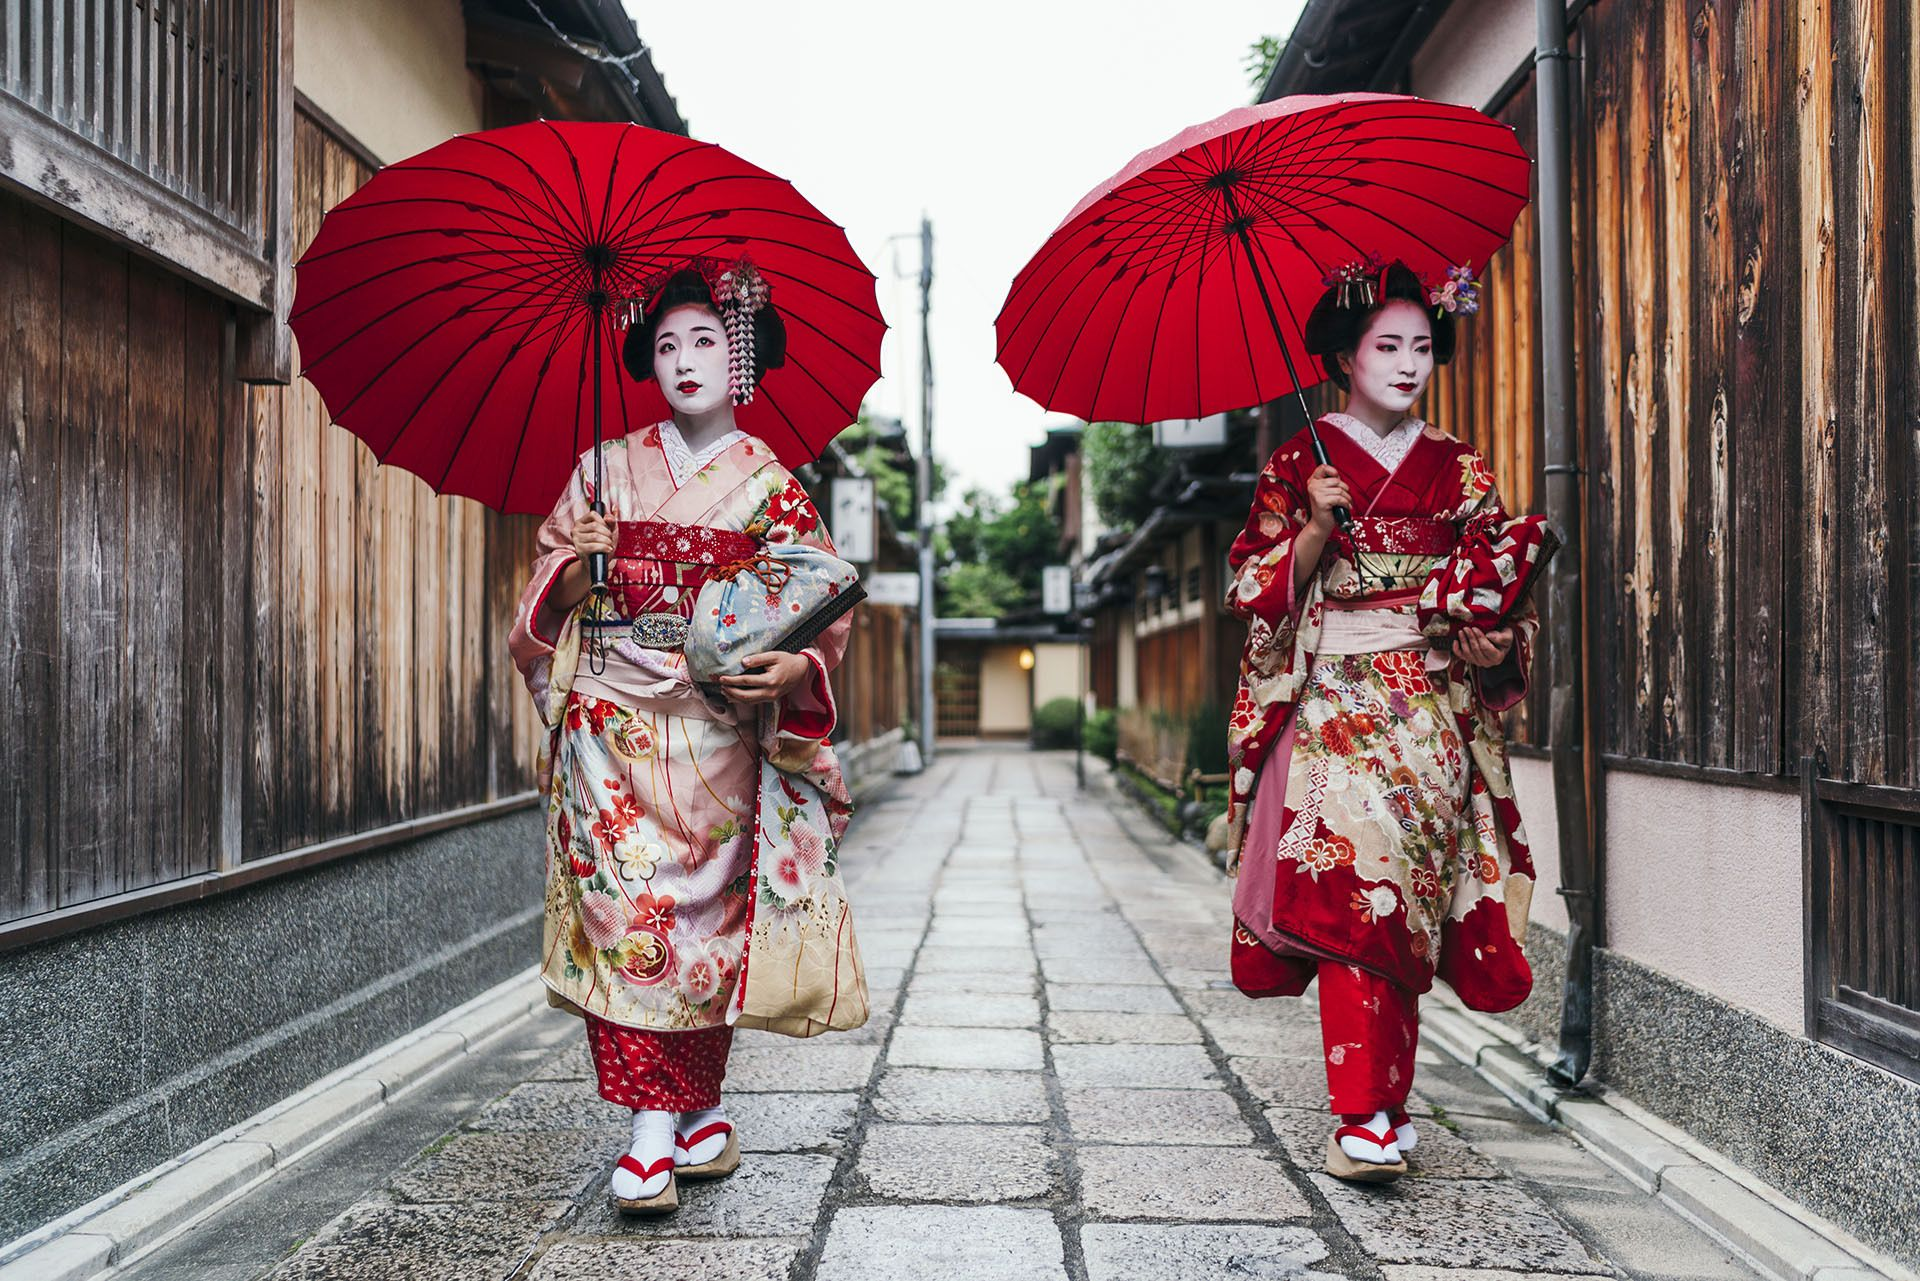 hai geisha-đi-trong-Nhật-bản-xuống-một-ngõ-hẹp